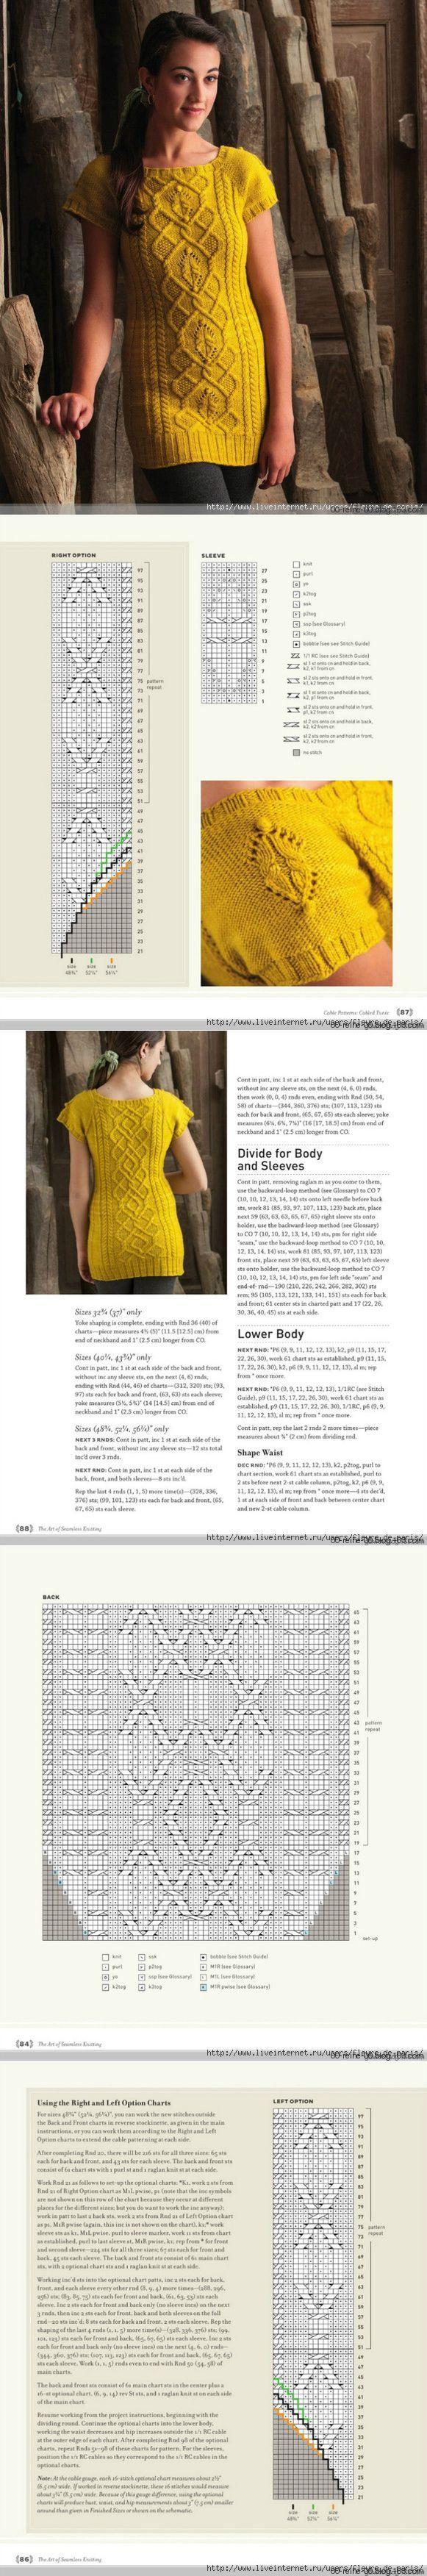 针织短袖 - 蕾妮的日志 - 网易博客 | вязание | Постила